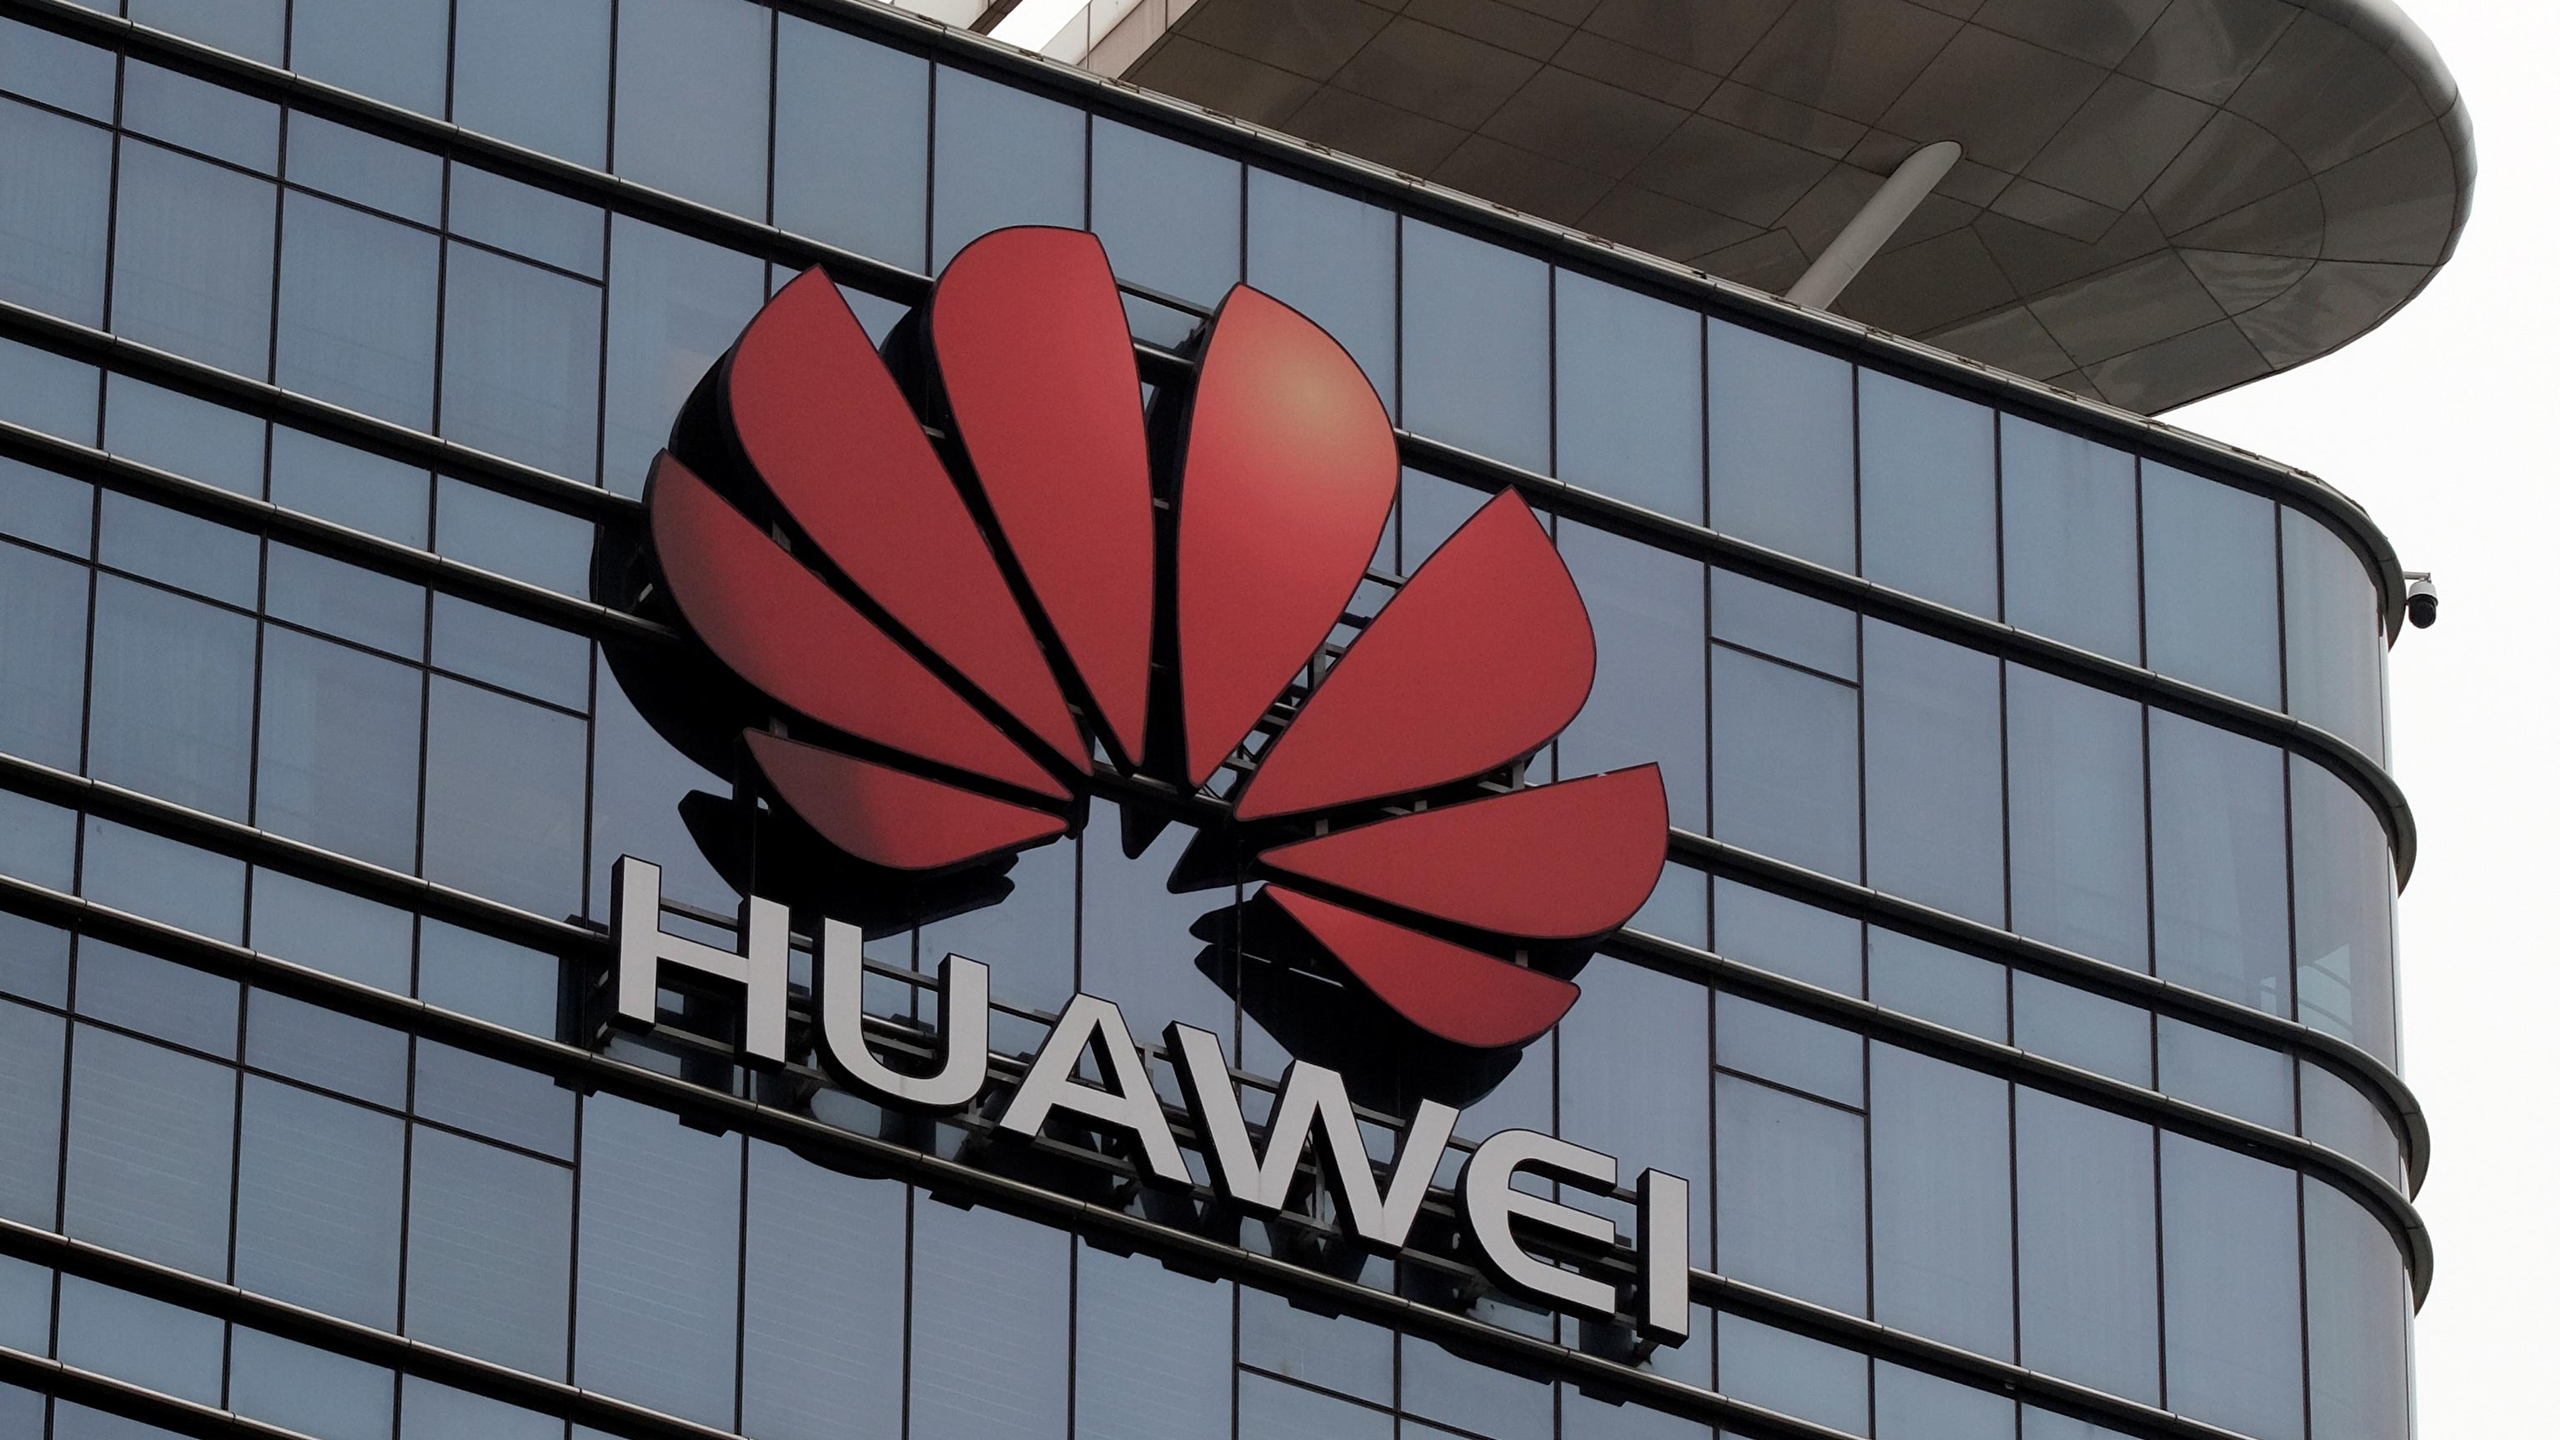 Huawei planea una gran cantidad de despidos en sus operaciones en EU: WSJ